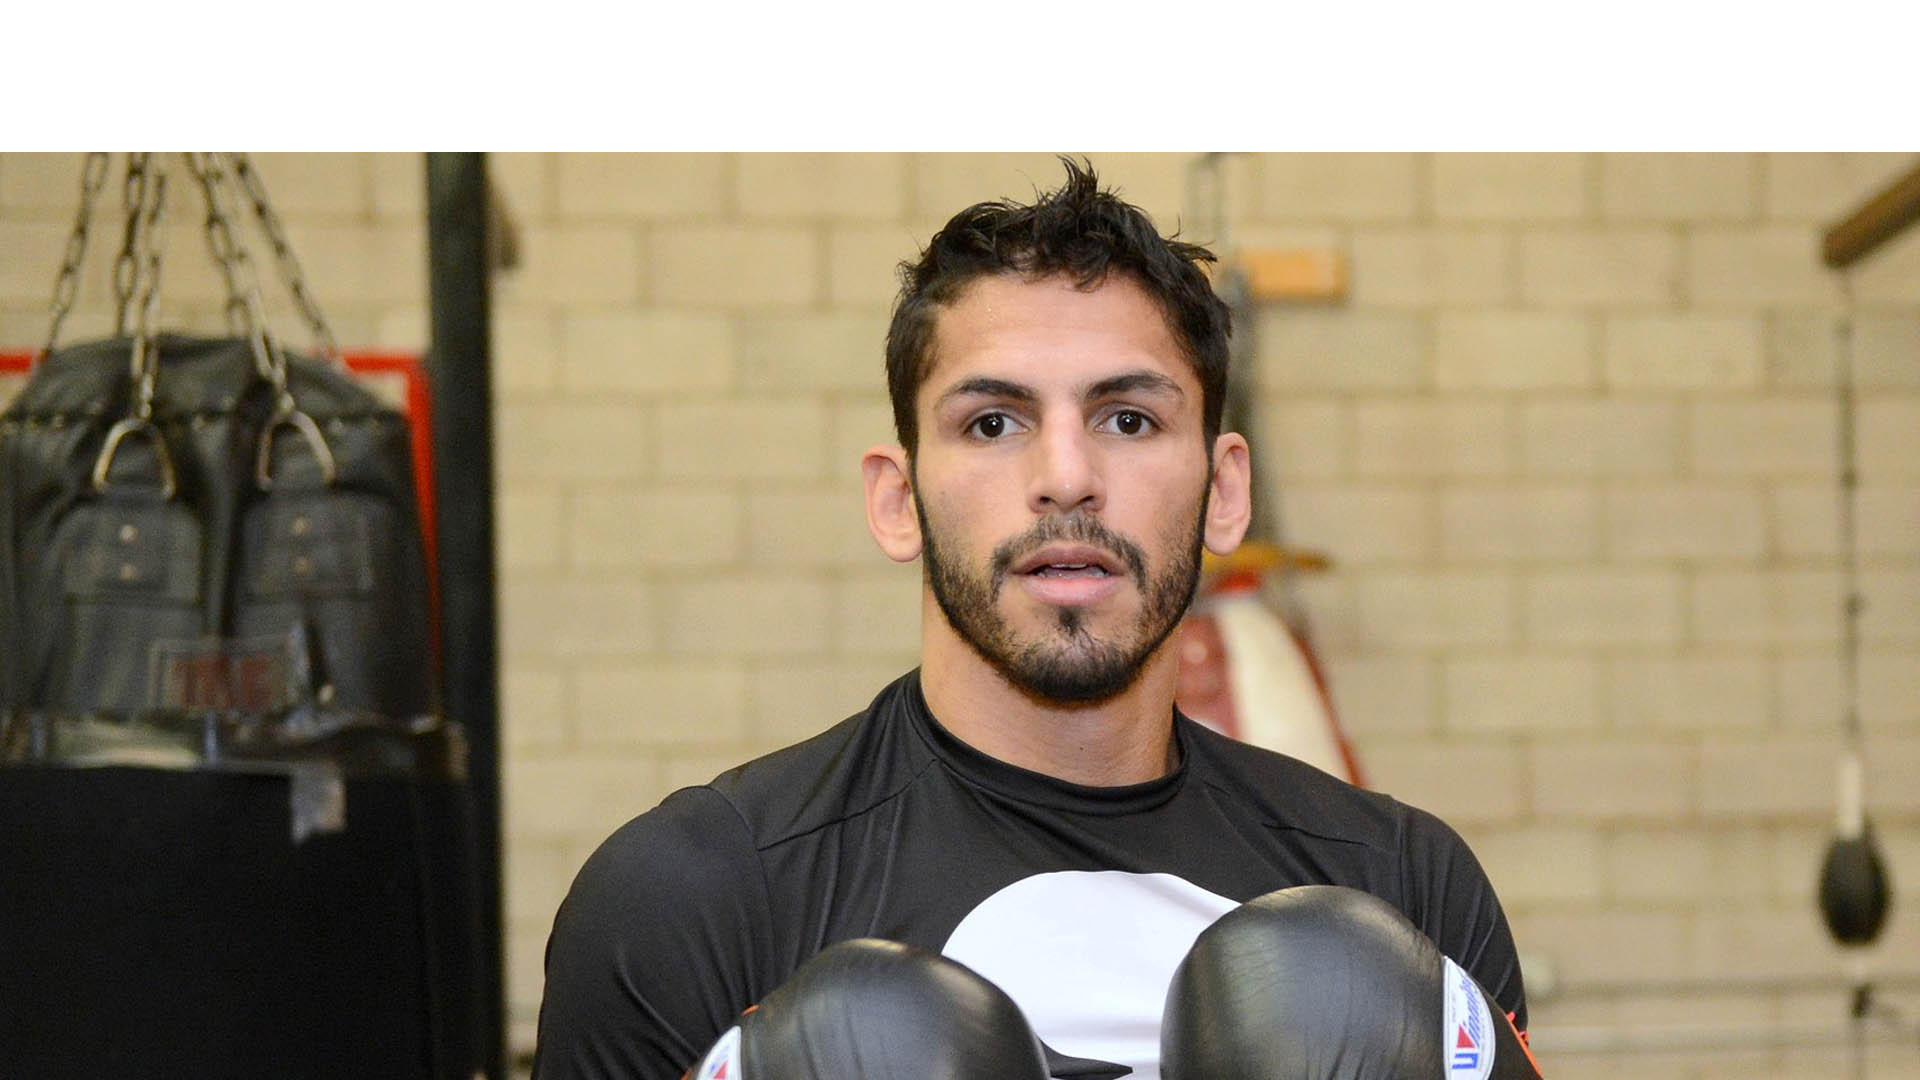 Jorge Linares recibió el nombramiento por parte de la Asociación Mundial de Boxeo tras ganar el título del peso ligero